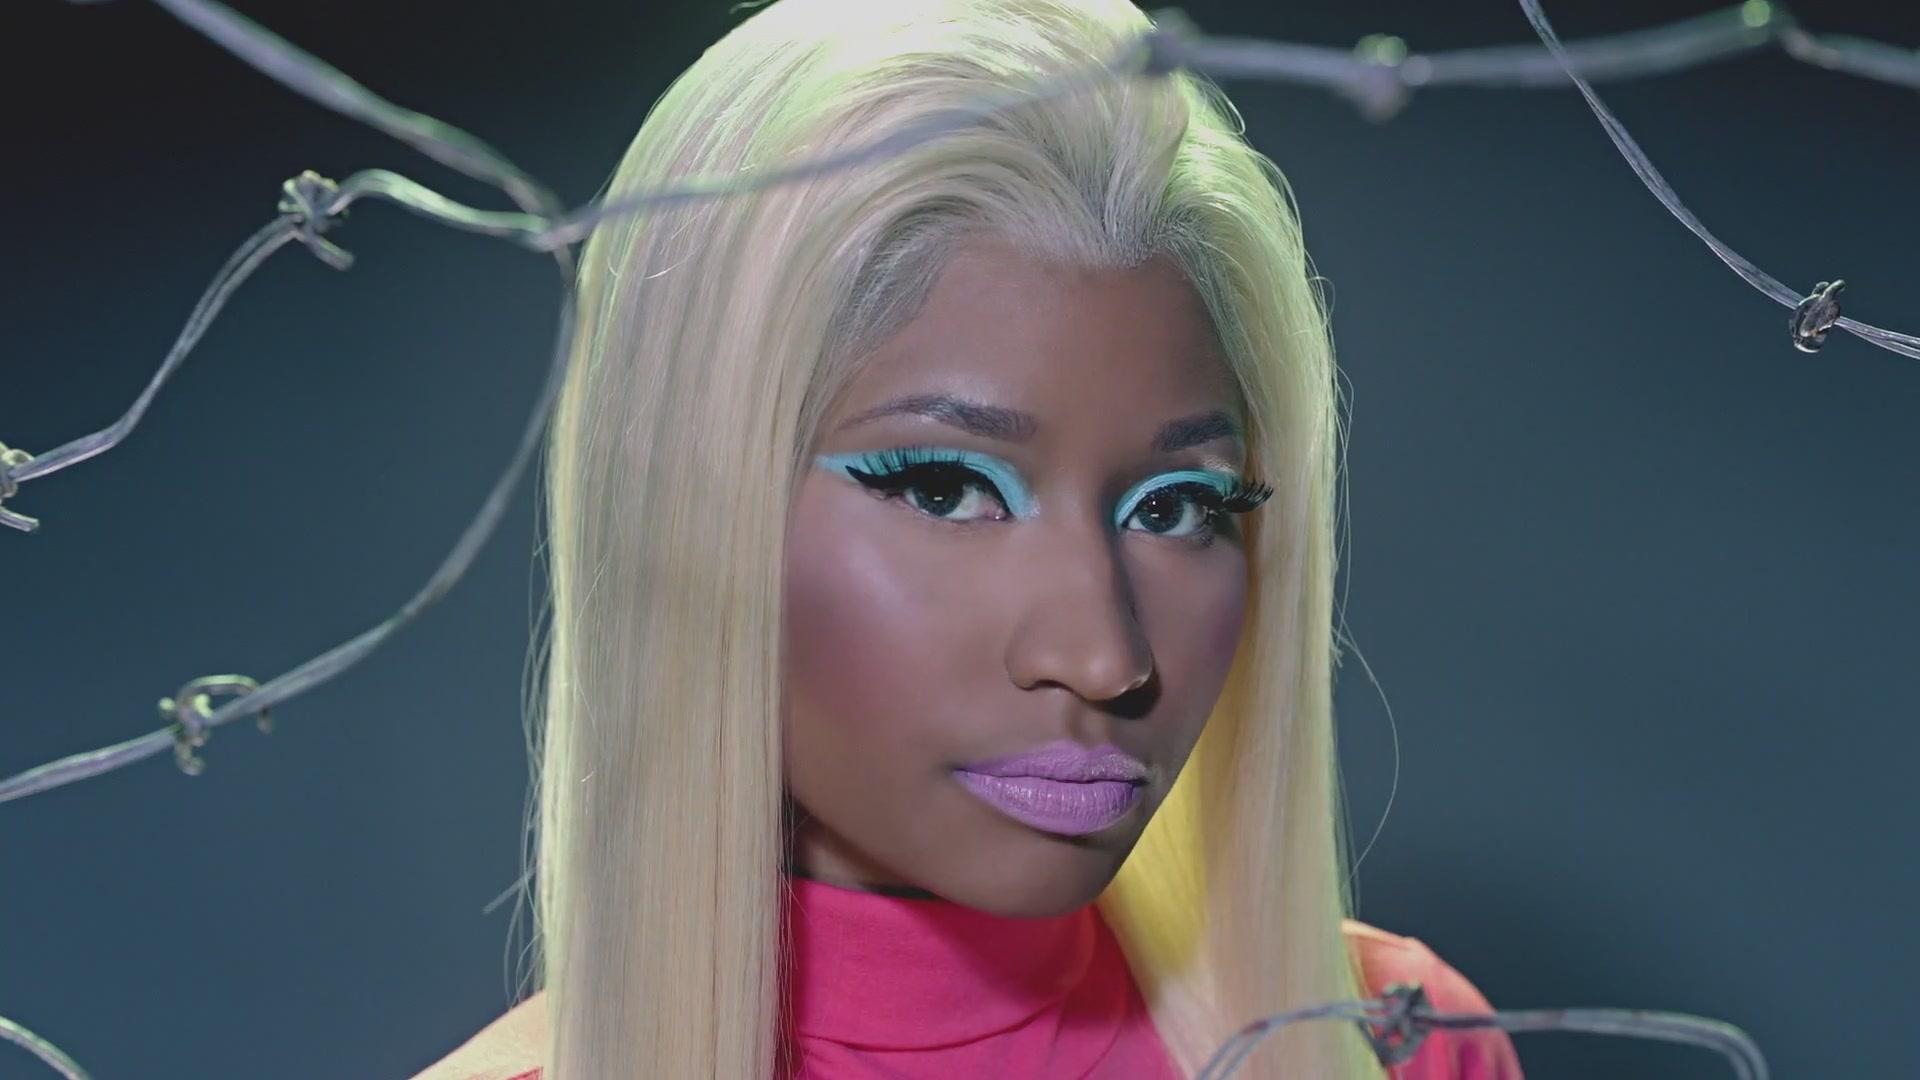 Wallpaper Nicki Minaj The Pinkprint Tour Singer 2015